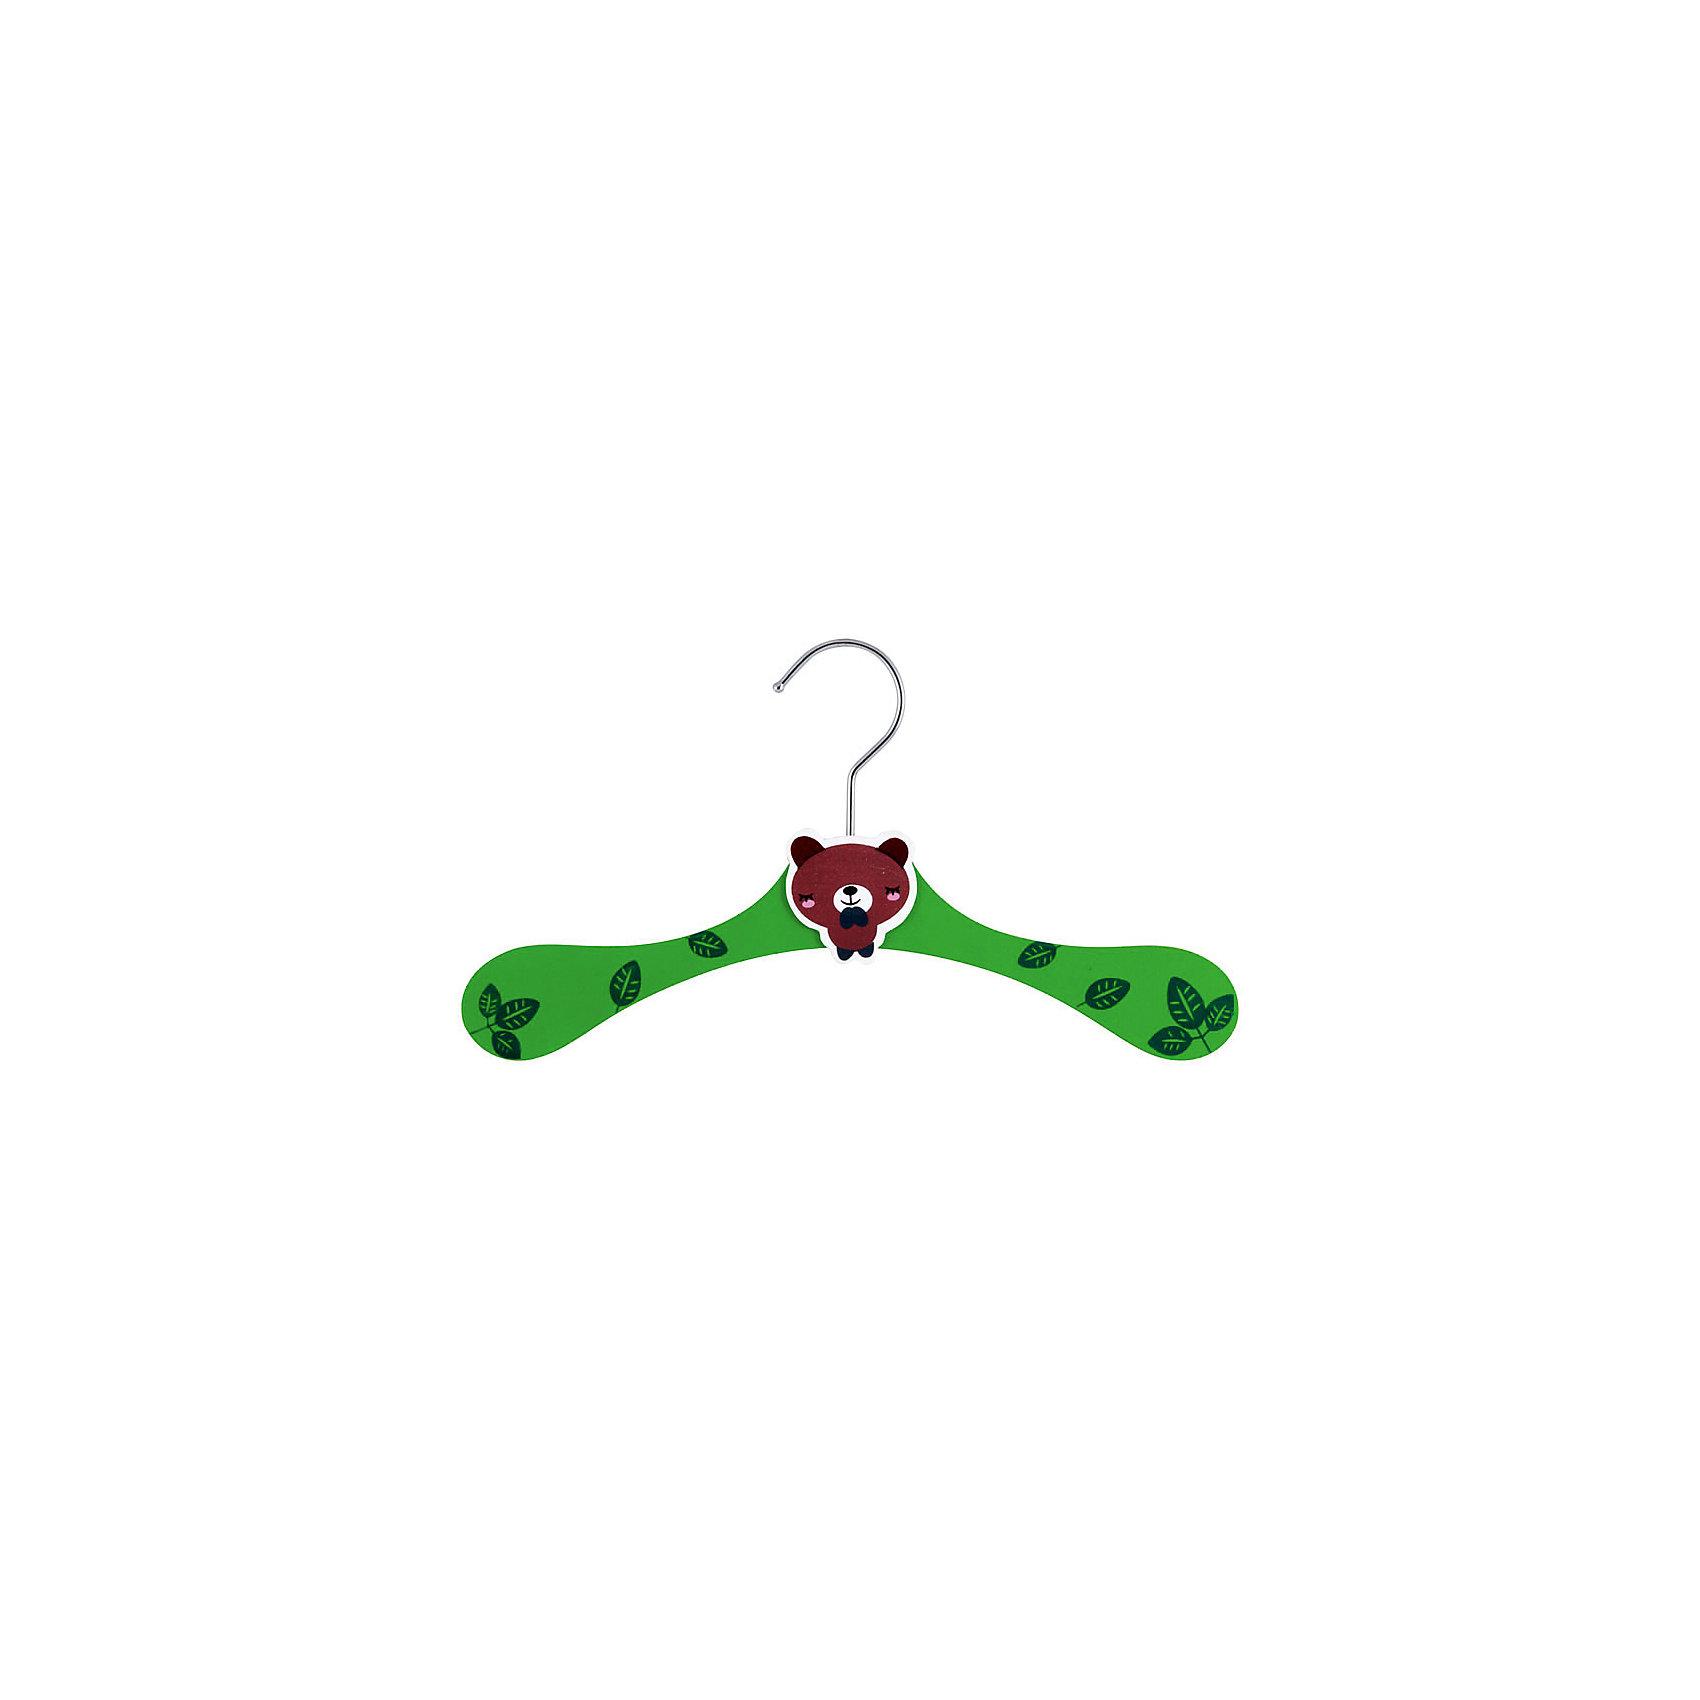 Вешалка детская деревянная KW-1 Медвежонок, Рыжий Кот, зеленыйПриучить малыша наводить порядок в шкафу и содержать свои вещи в чистоте можно с самого детства. Детская деревянная вешалка «Медвежонок» красочно оформлена, имеет широкие плечики, украшенные листочками, в центре находится фигурка спящего медвежонка. Изготовлена вешалка из качественных пород древесины, крючок – из нержавеющей стали. На вешалке детские вещи будут смотреться аккуратно. <br><br>Дополнительная информация: <br><br>Размер детской вешалки: 28x10x15,5 см<br><br>Вешалку детскую деревянную KW-1 Медвежонок, Рыжий Кот, зеленую можно купить в нашем интернет-магазине.<br><br>Ширина мм: 278<br>Глубина мм: 150<br>Высота мм: 8<br>Вес г: 60<br>Возраст от месяцев: 36<br>Возраст до месяцев: 1080<br>Пол: Унисекс<br>Возраст: Детский<br>SKU: 4989781